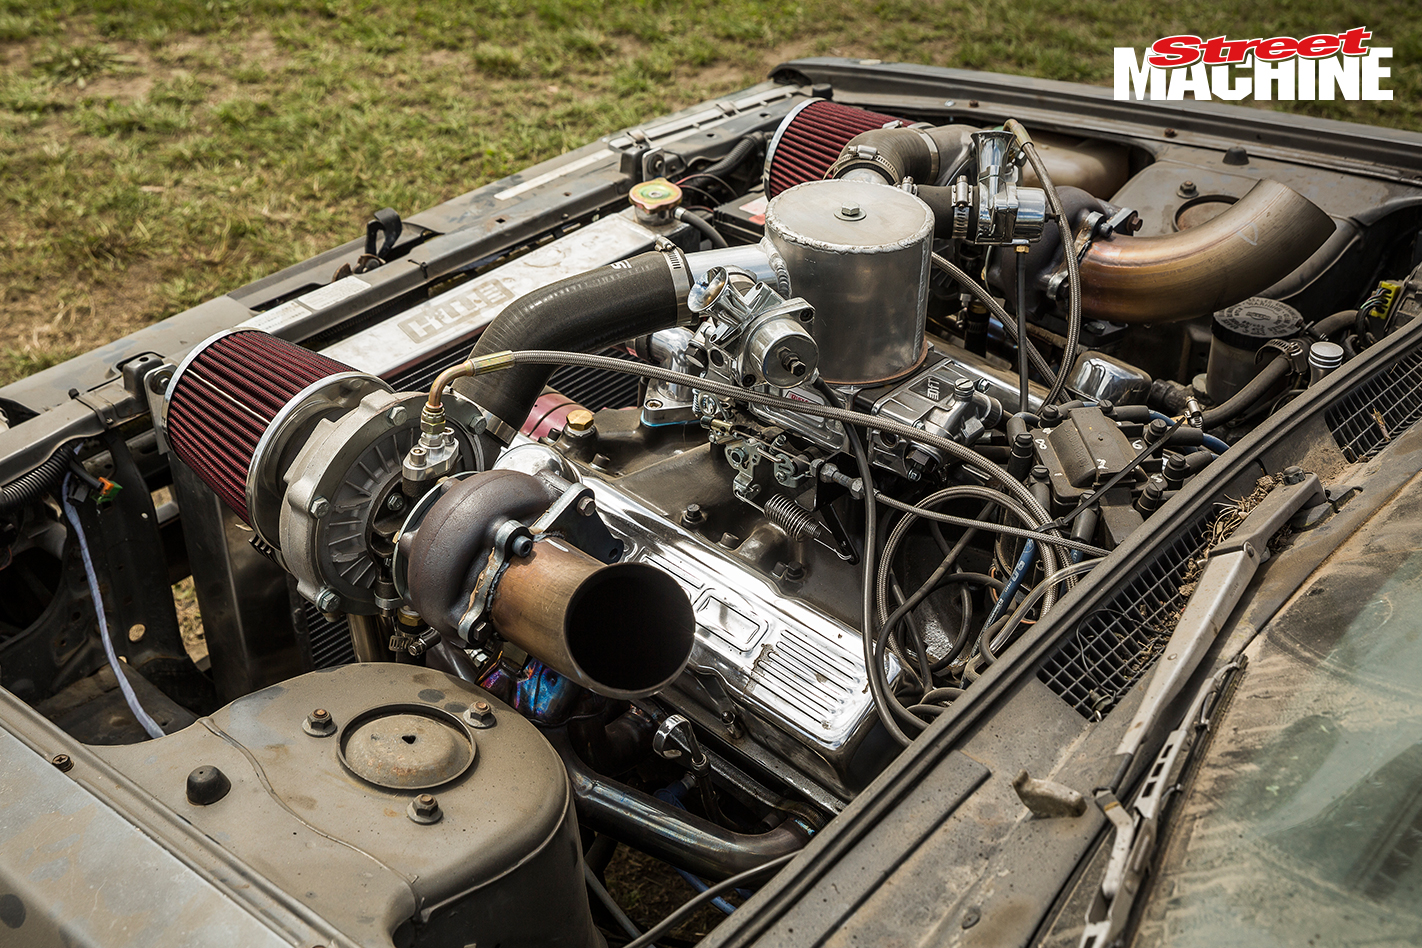 Twin Turbo V8 Skyline 1 Nw